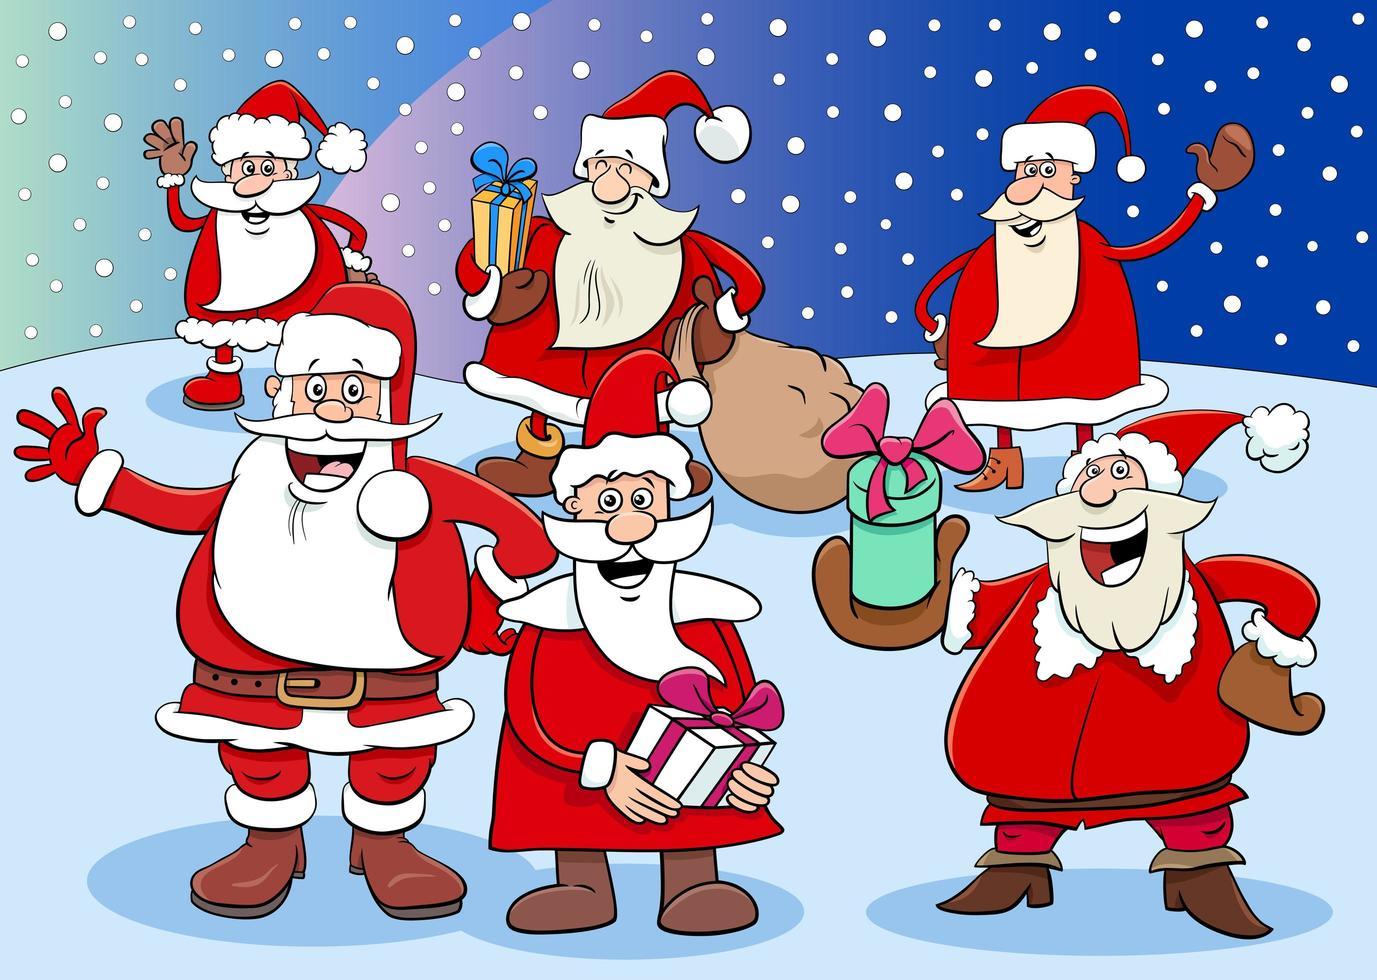 grupo de personajes de santa claus en navidad vector